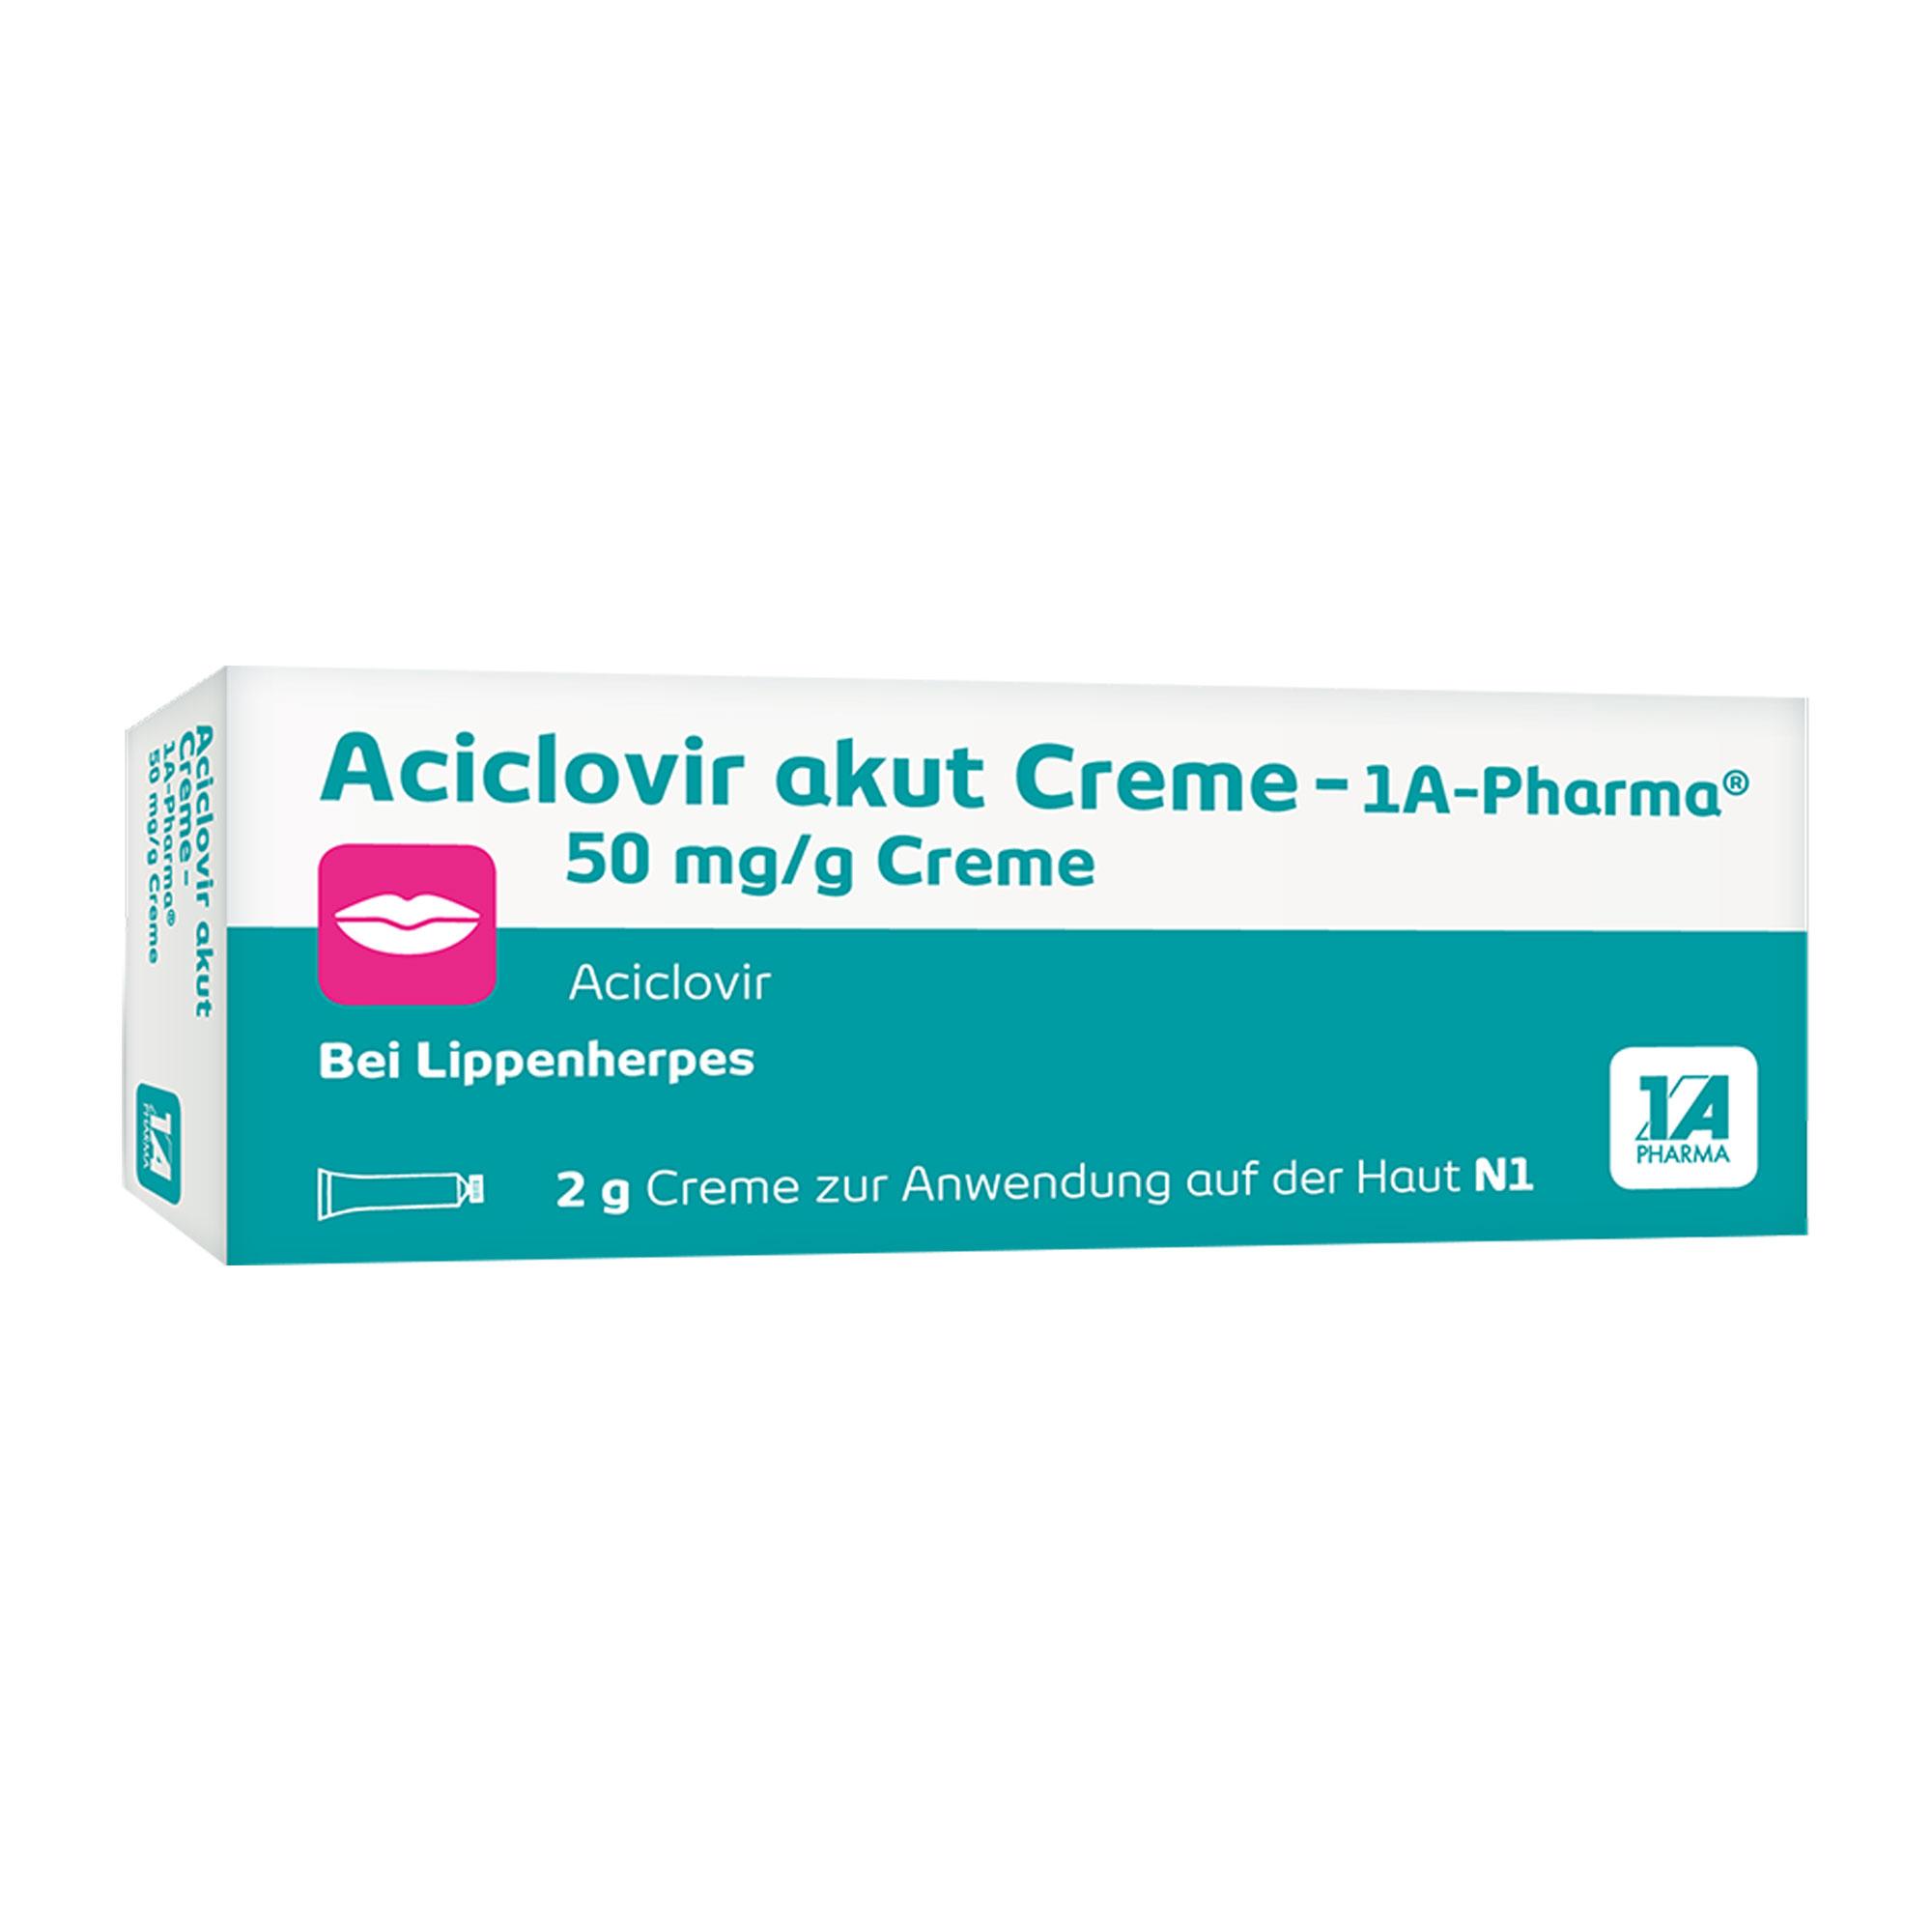 Aciclovir akut Creme - 1 A Pharma